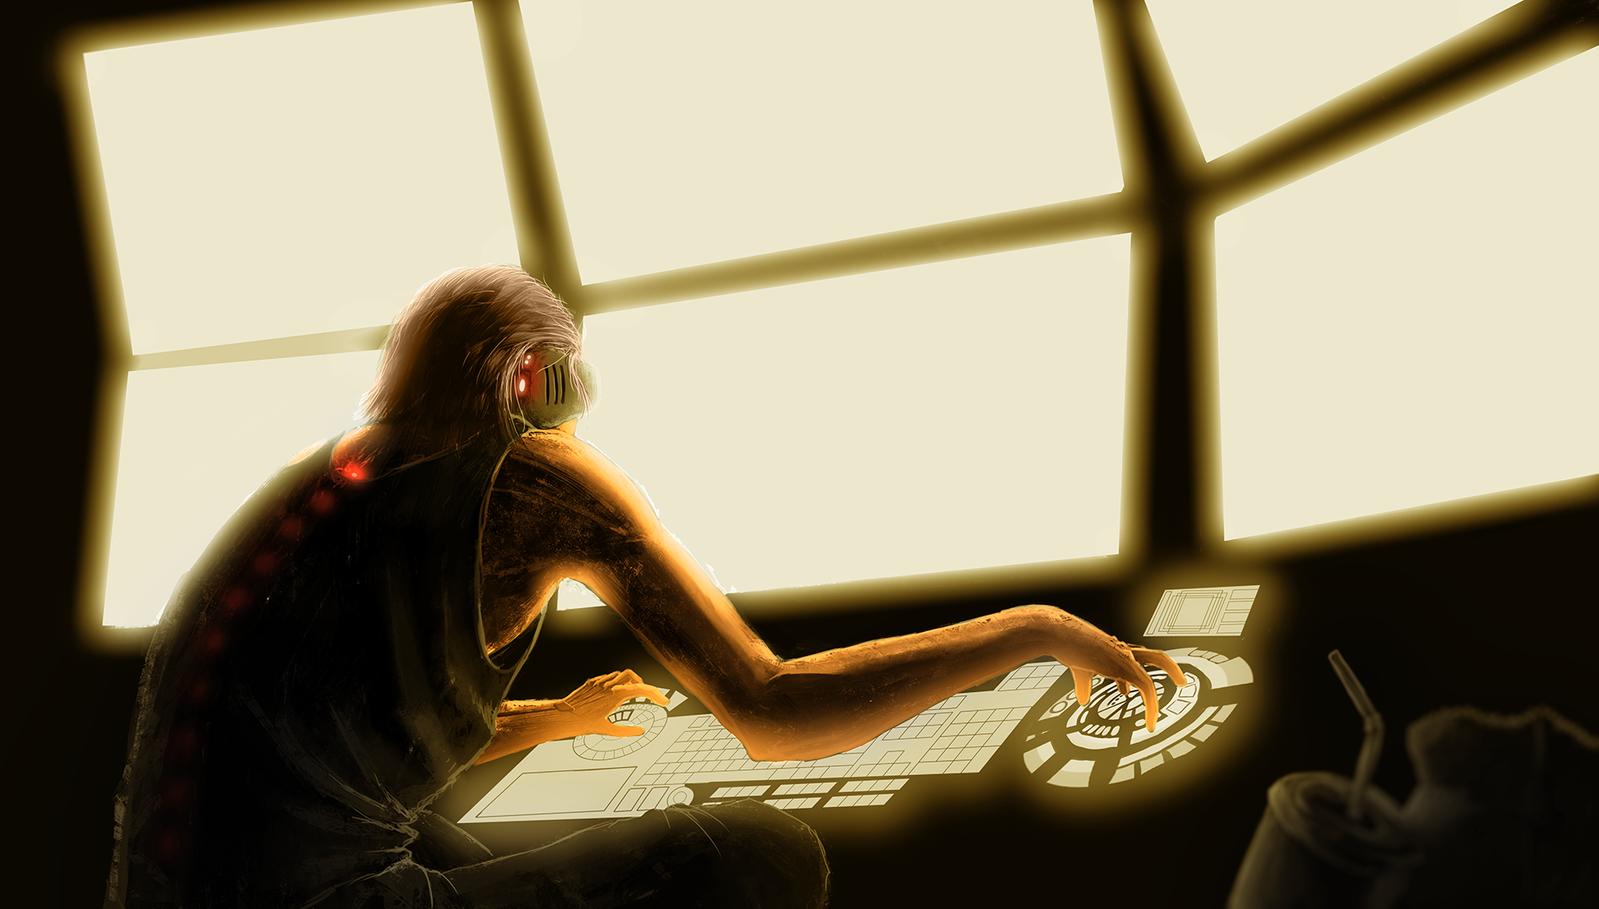 Hacker by Rotaken